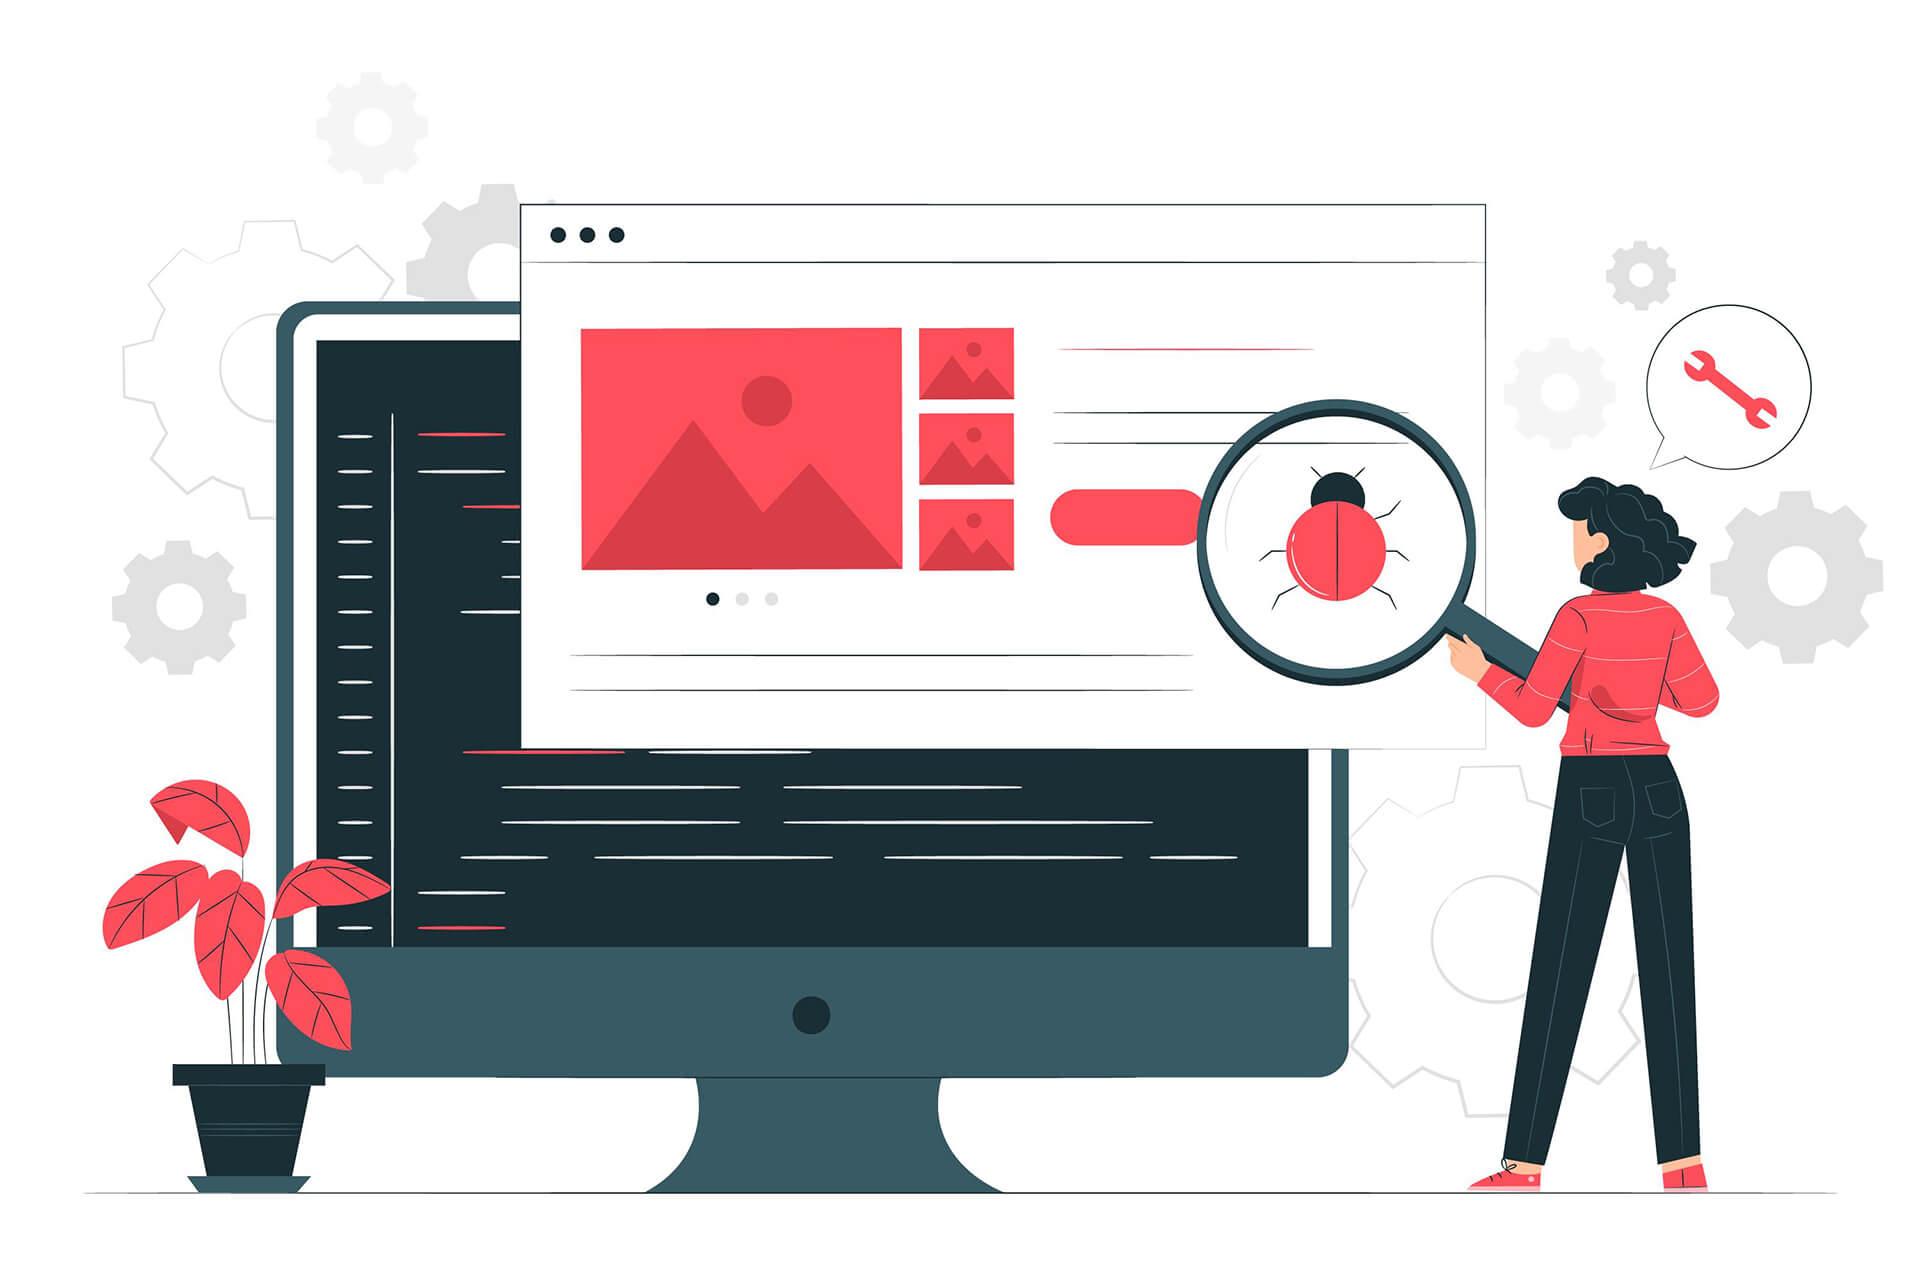 Top 5 bug trackerów do śledzenia błędów na Twojej stronie internetowej